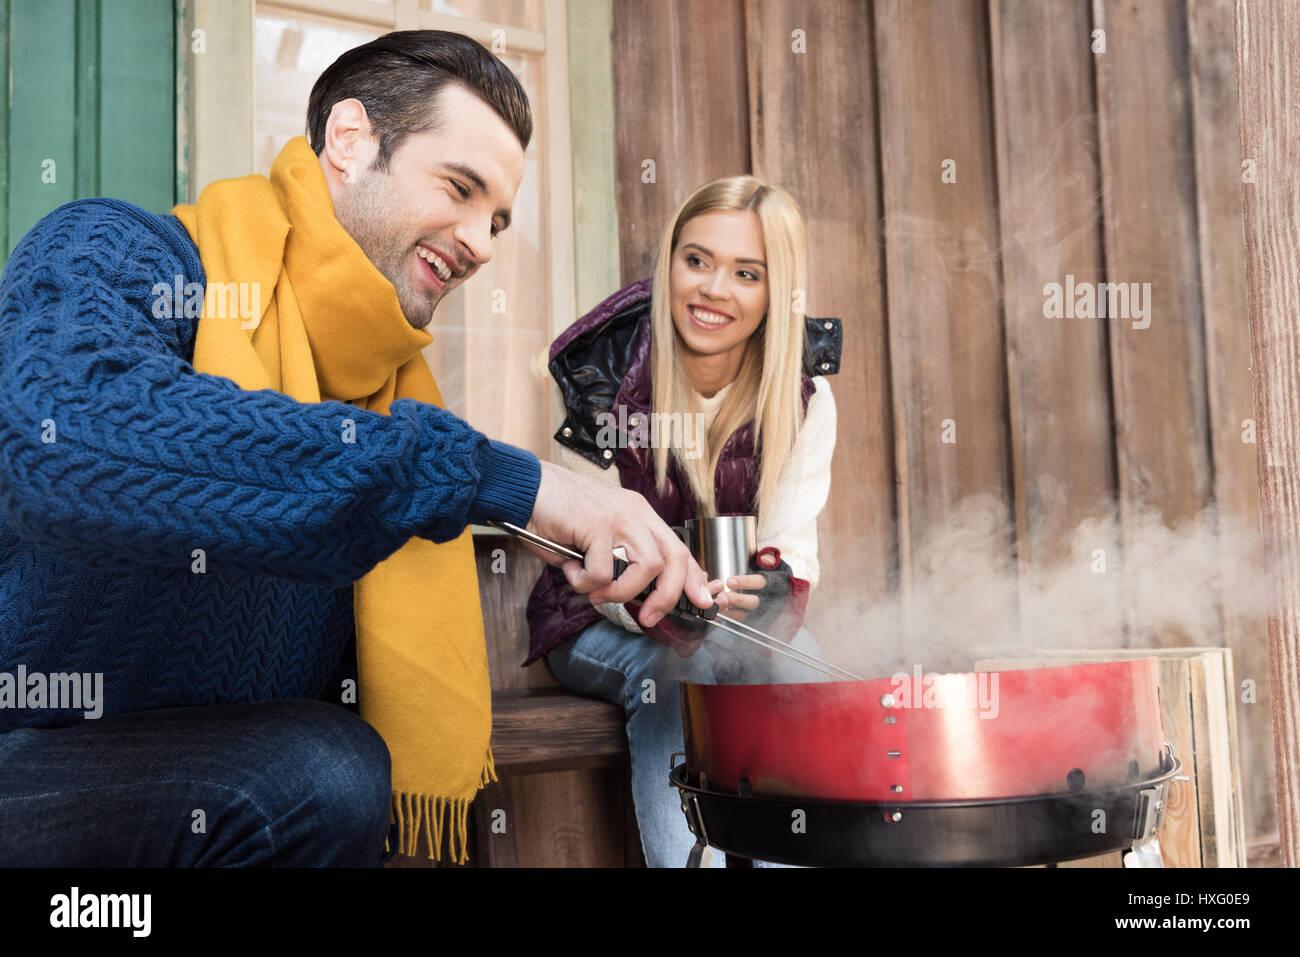 Souriante jeune femme avec boisson chaude à la viande à happy man grilling on porch Banque D'Images